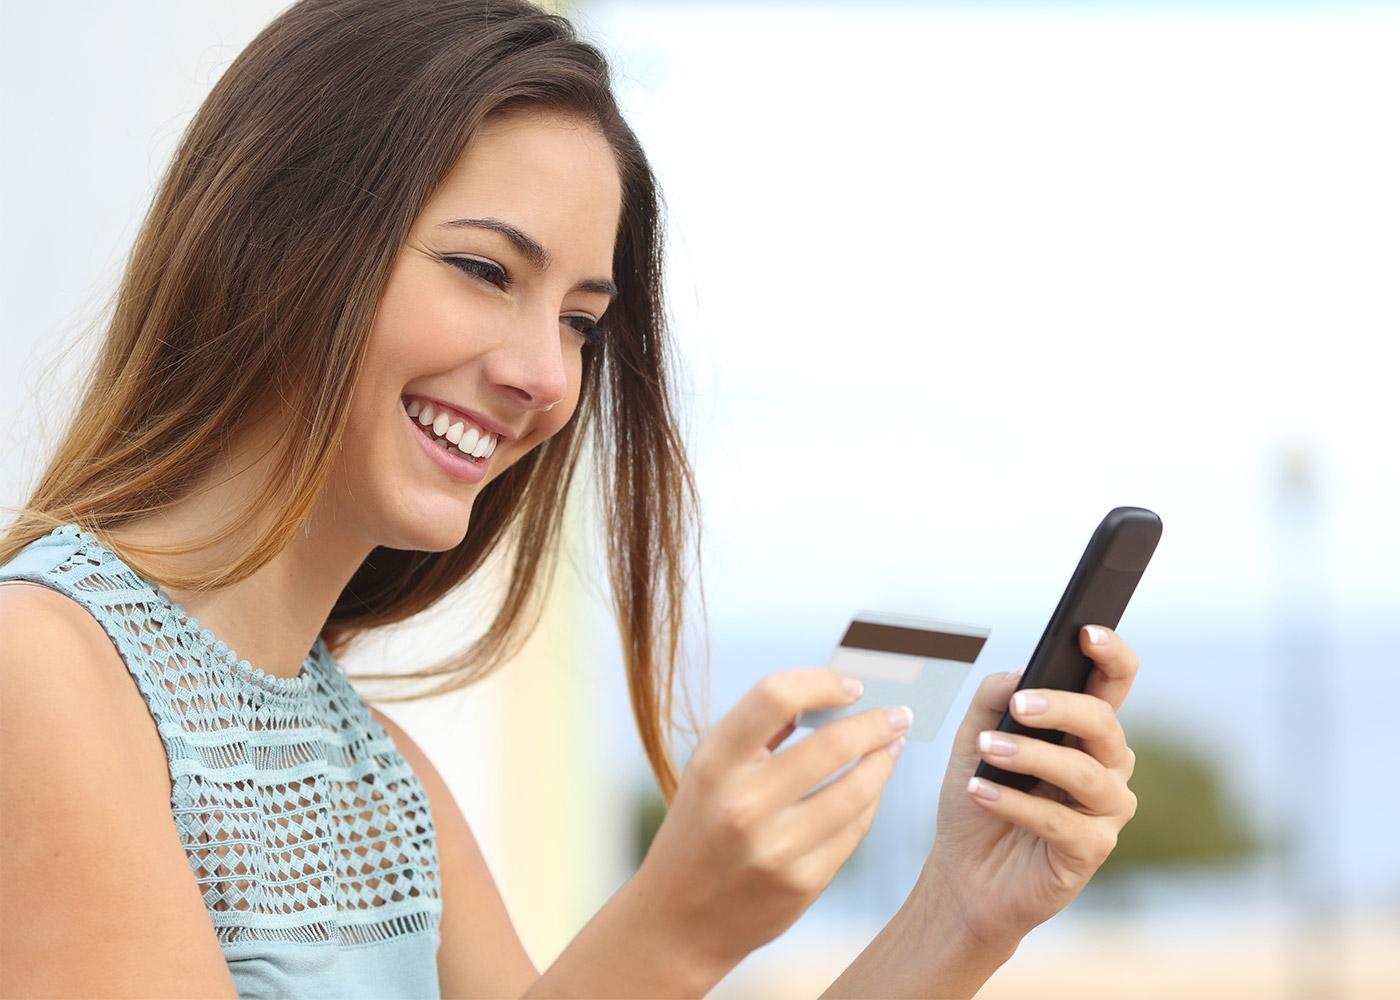 5 magicznych (?) sposobów na ułatwienie klientowi zakupów online. Sposób 5